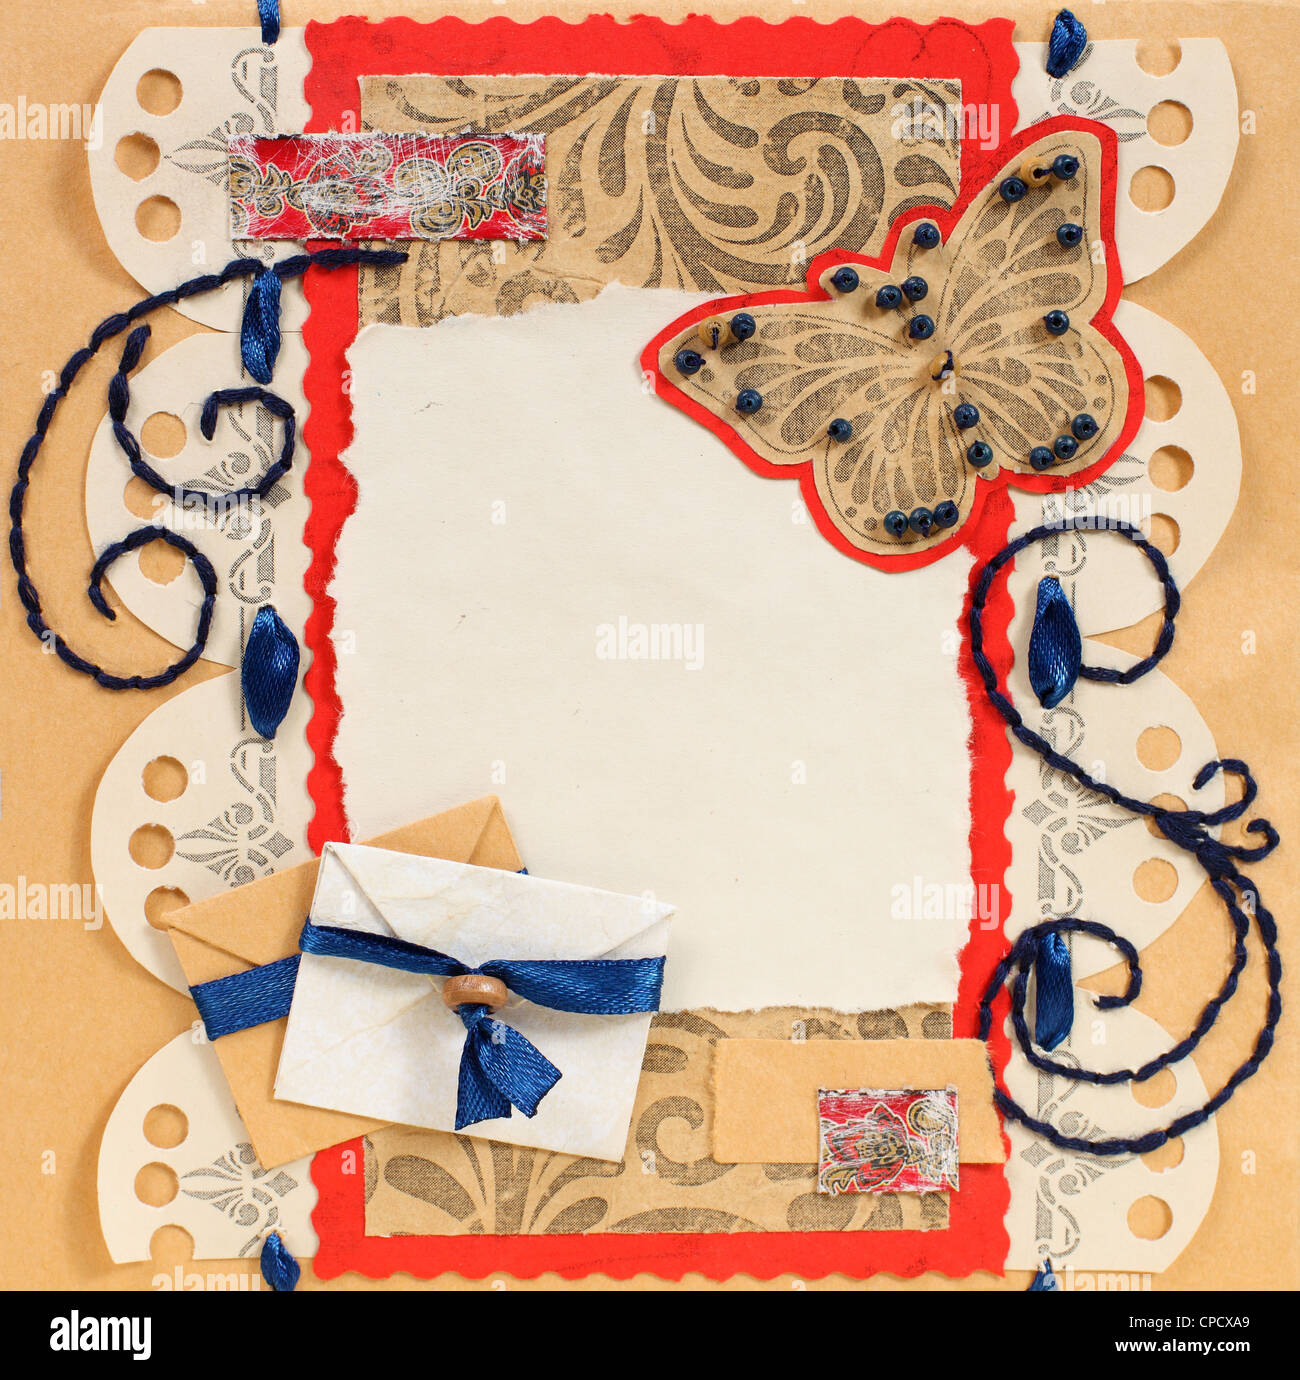 Ancien cadre Photo Album avec Papillon et enveloppes Photo Stock